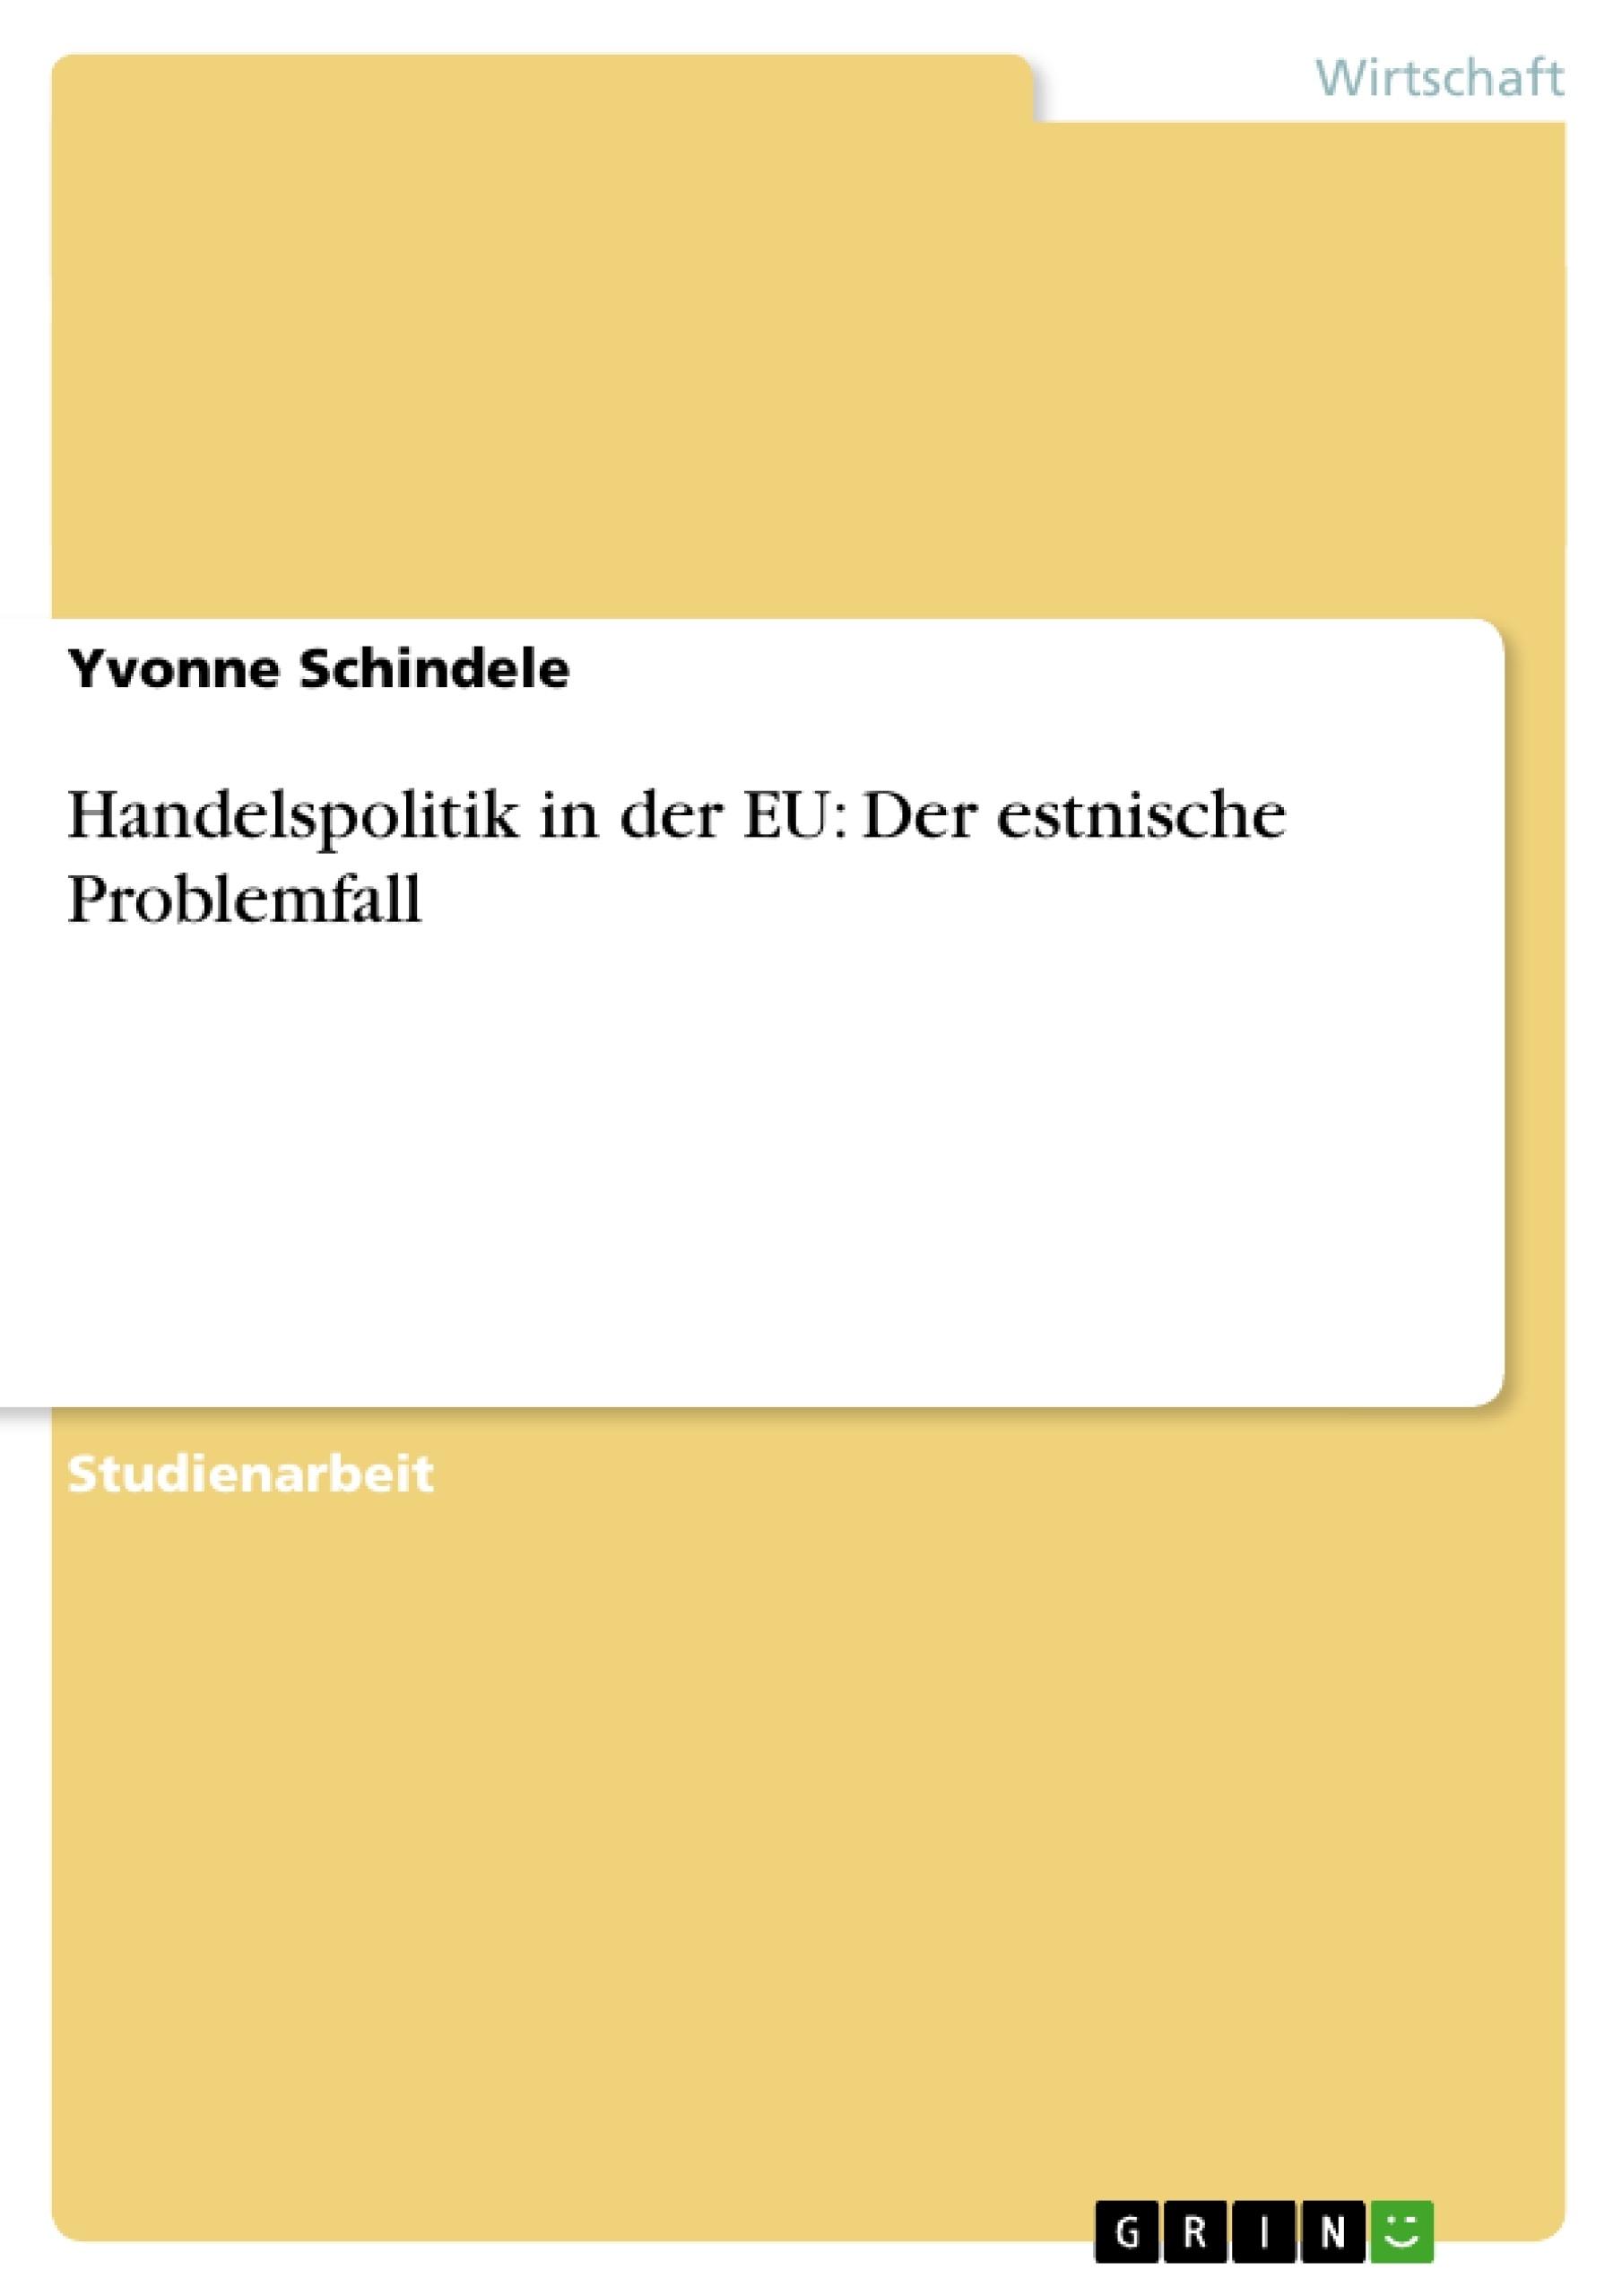 Titel: Handelspolitik in der EU: Der estnische Problemfall